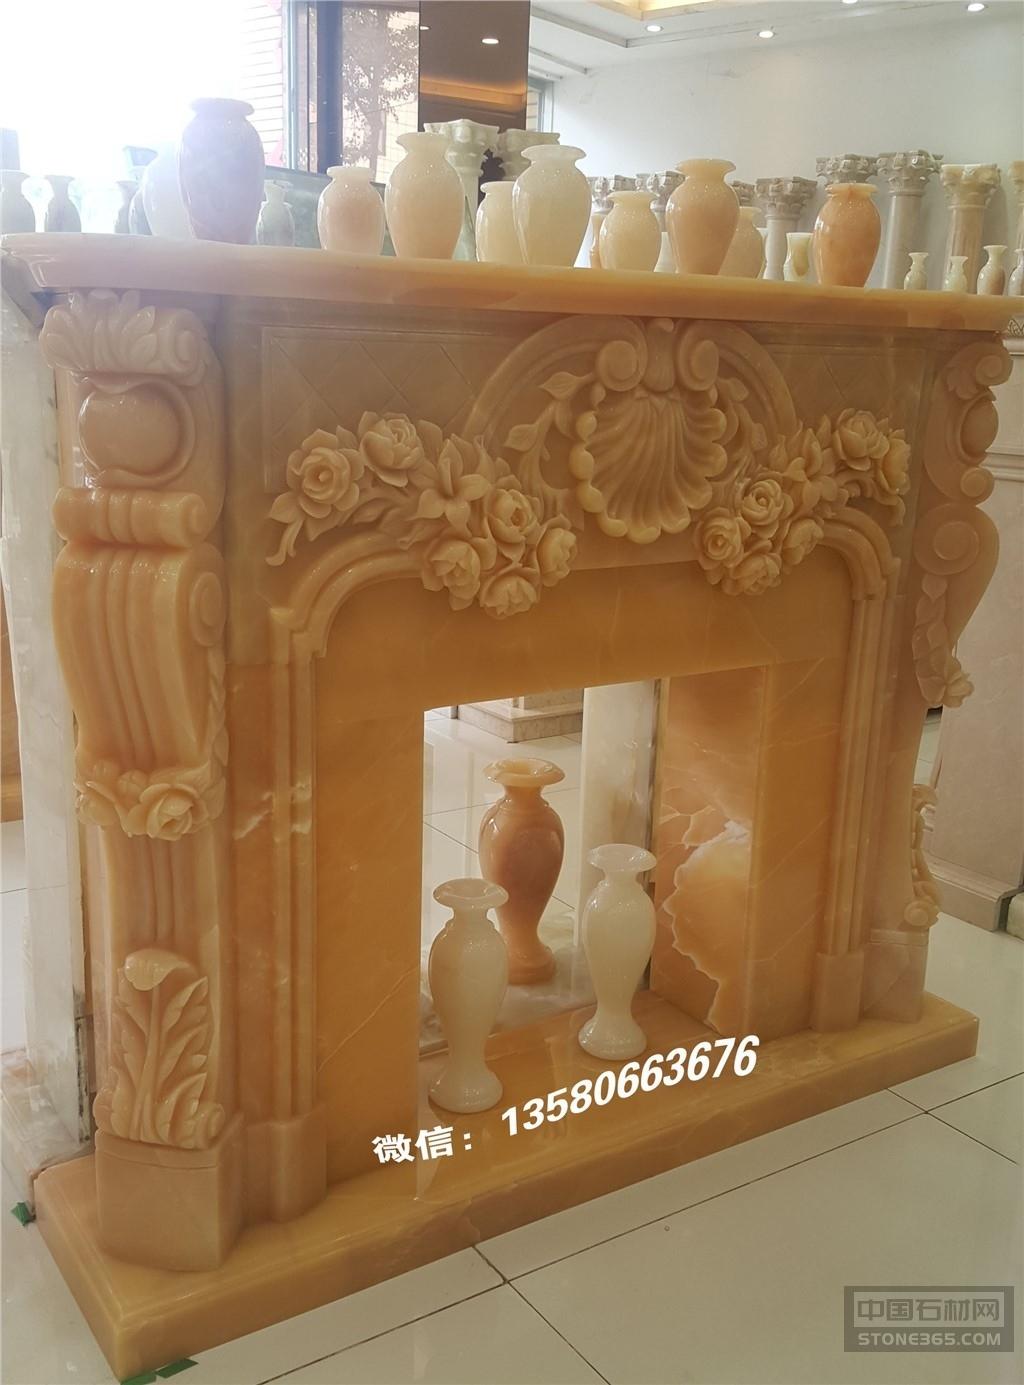 特级桔子玉石纯手工雕刻壁炉架